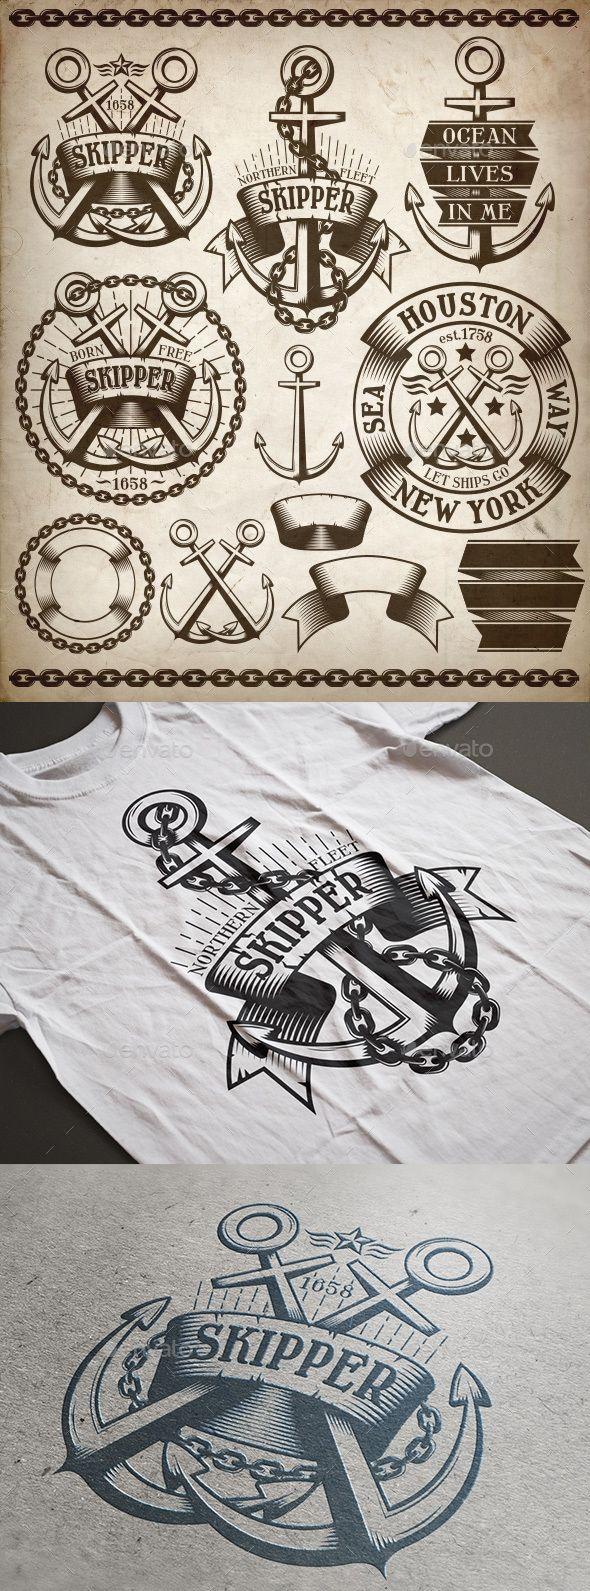 Anchor Logos Kit PSD, Vector EPS. Download here: https://graphicriver.net/item/anchor-logos-kit/14617391?ref=ksioks